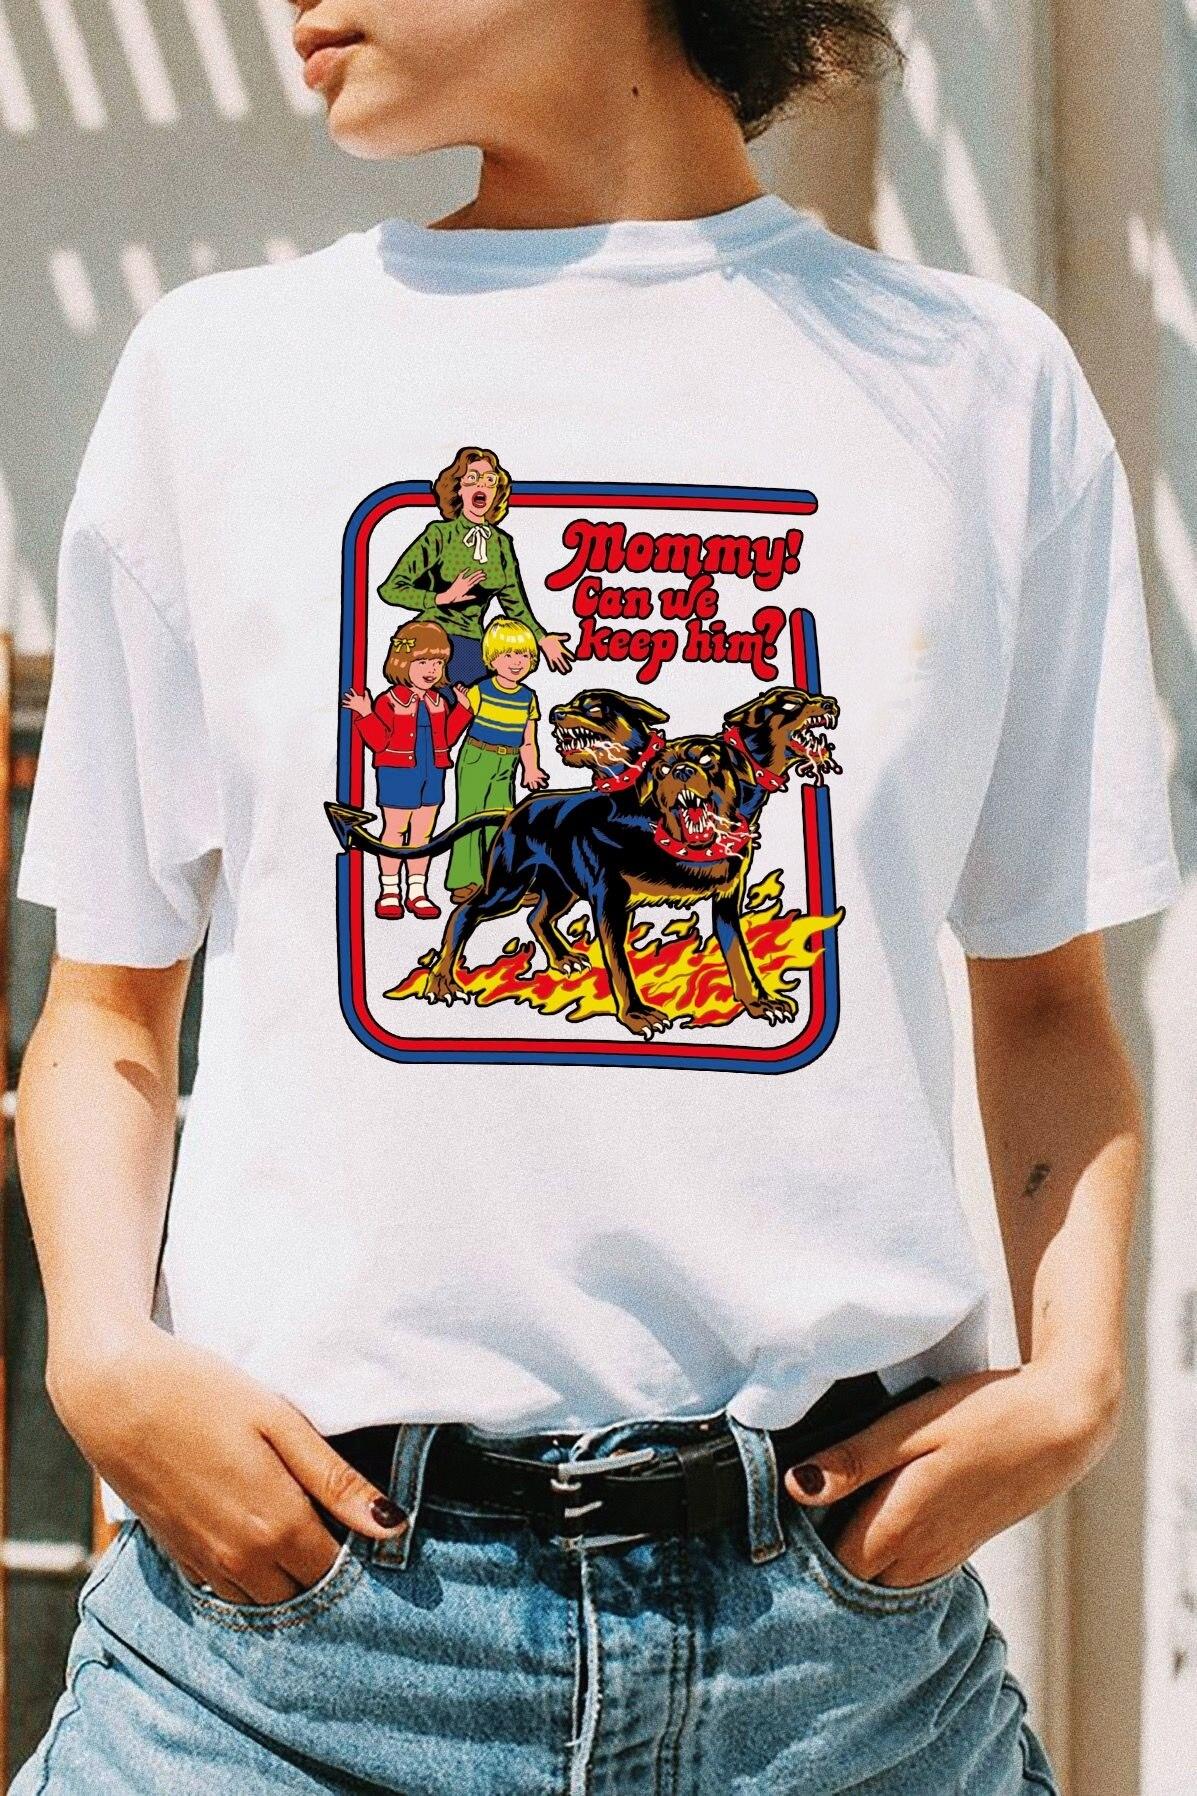 Hahayule Yf Neue Ankunft Frauen Lustige Stil T-shirt Mama Wir Können Halten Ihn Hunde Gedruckt Vintege Tops Harajuku T-shirts Professionelles Design Oberteile Und T-shirts Frauen Kleidung & Zubehör